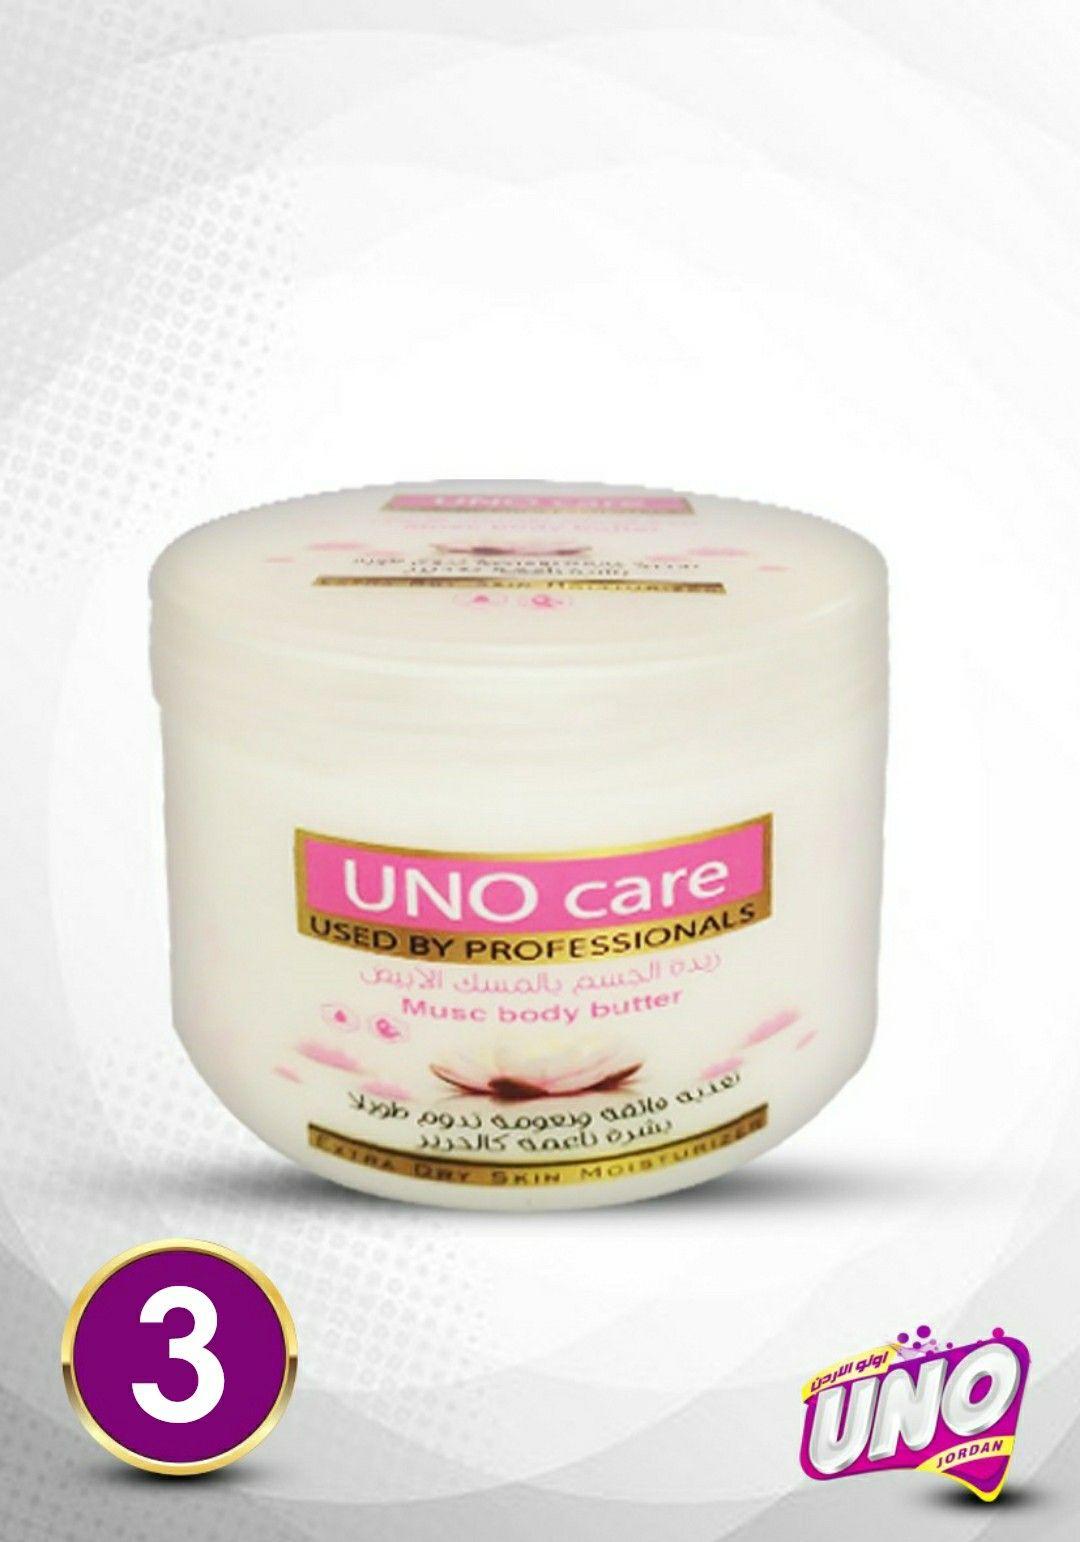 اونو كير زبدة الجسم بالمسك الابيض Talenti Ice Cream Candle Jars Cream